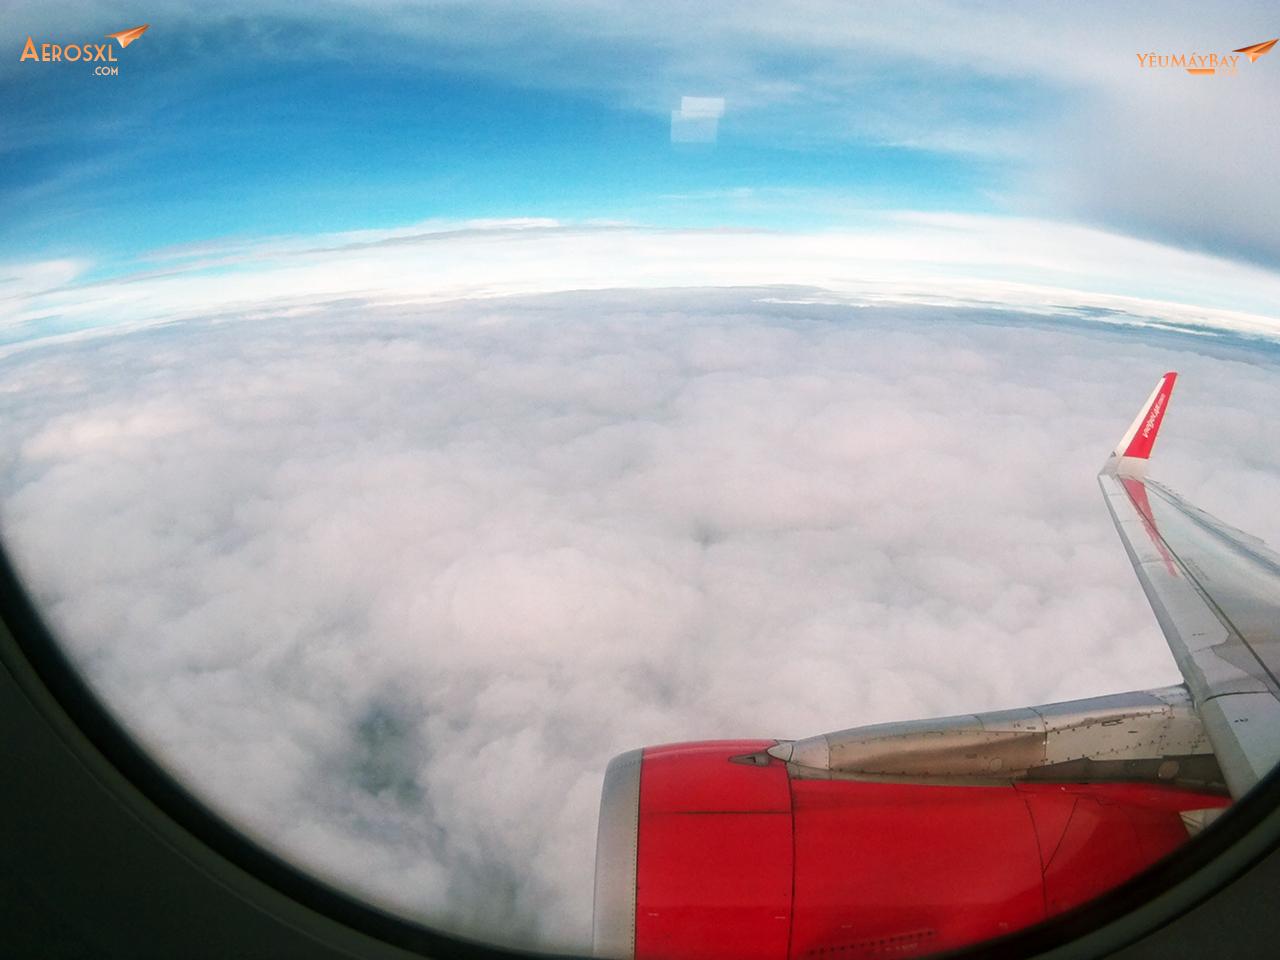 Khung cảnh tuyệt vời nhìn từ cửa sổ máy bay. Ảnh: Phạm Bảo Anh